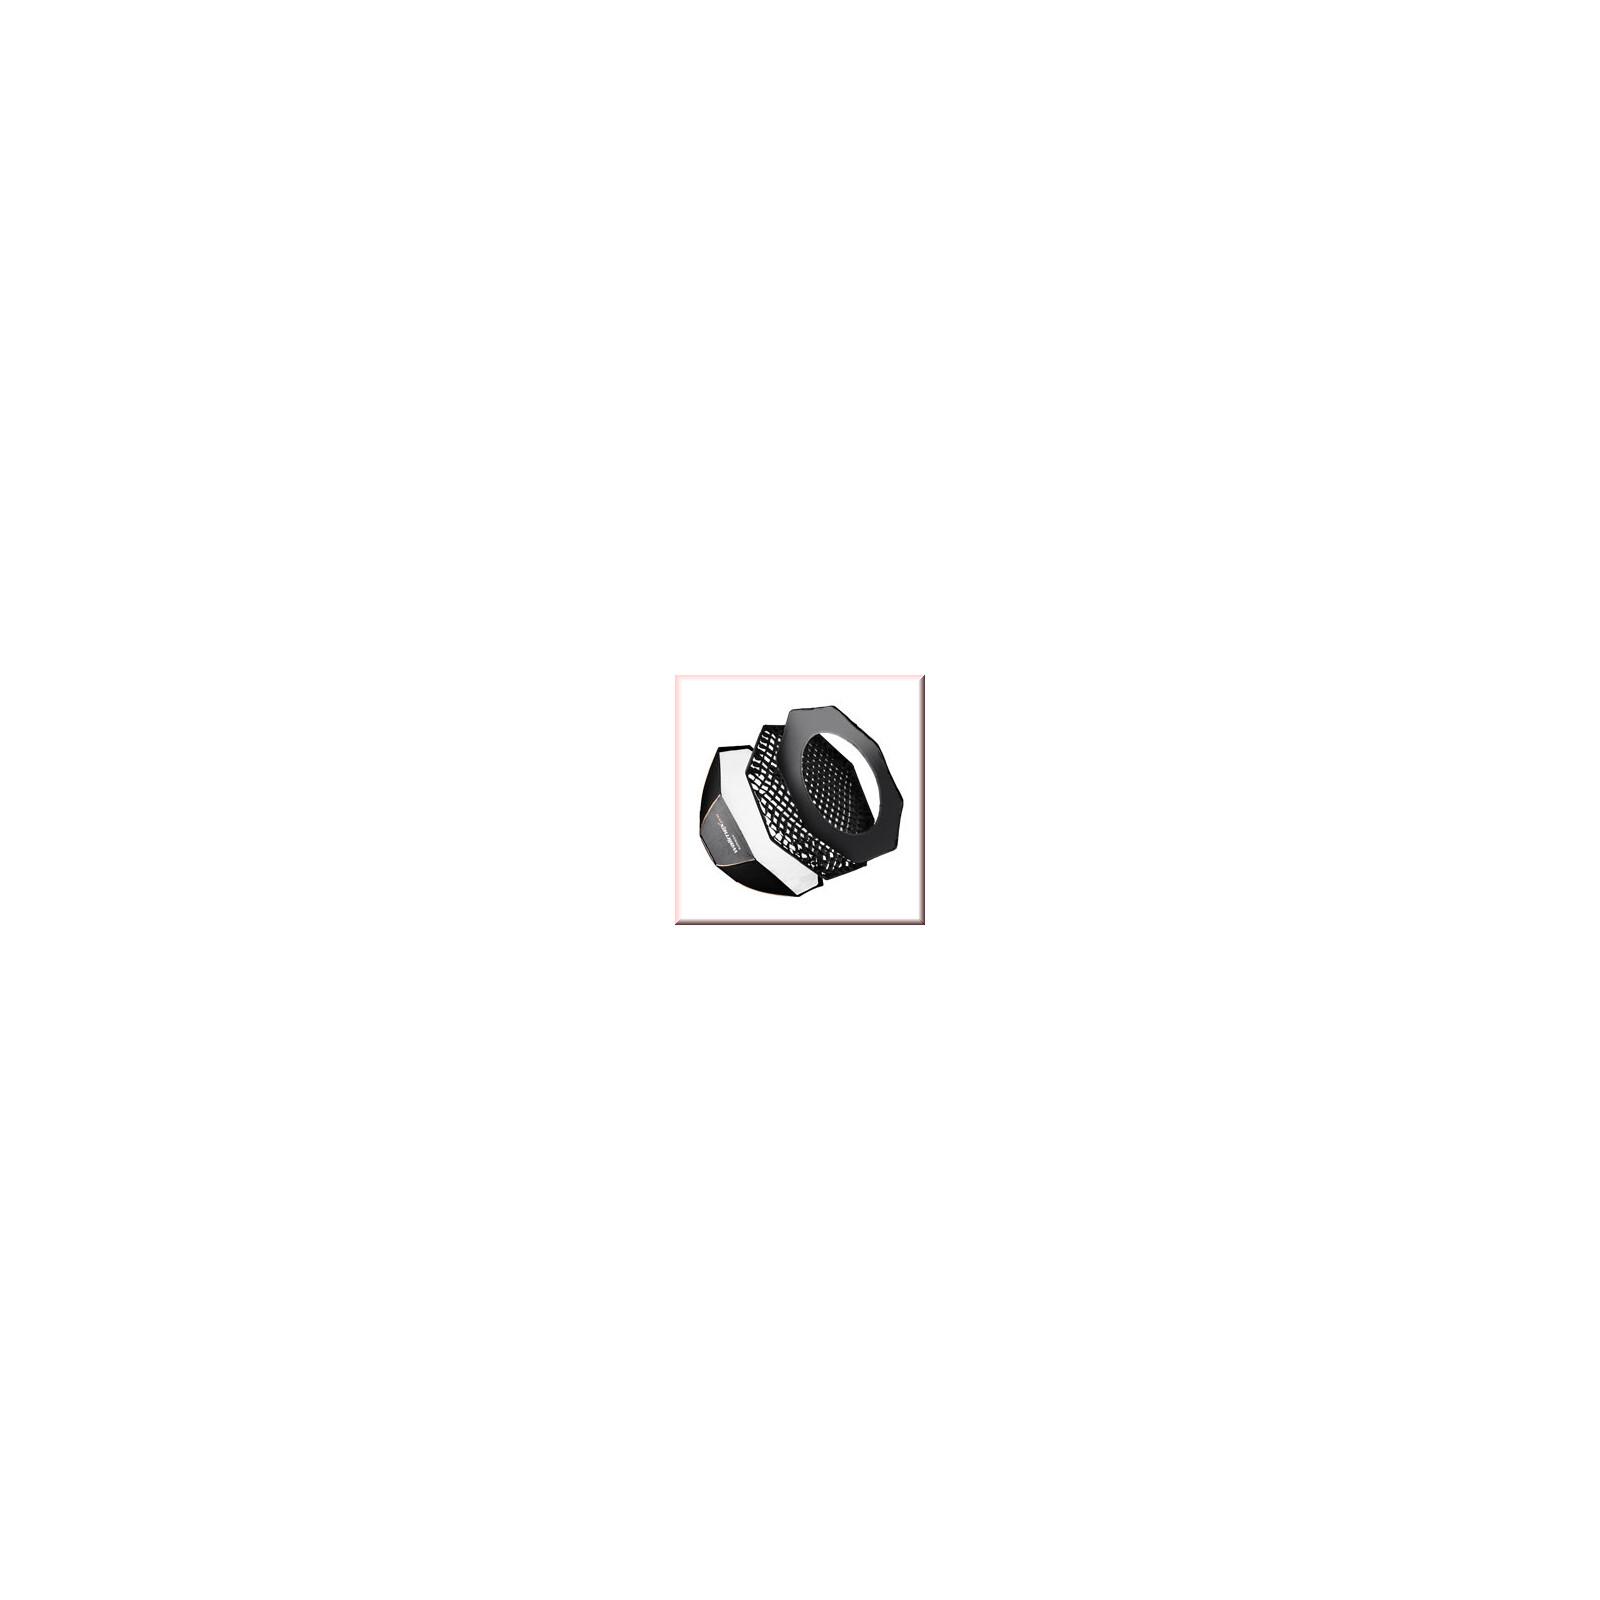 walimex pro Octa Softbox PLUS OL Ø90 Multiblitz P